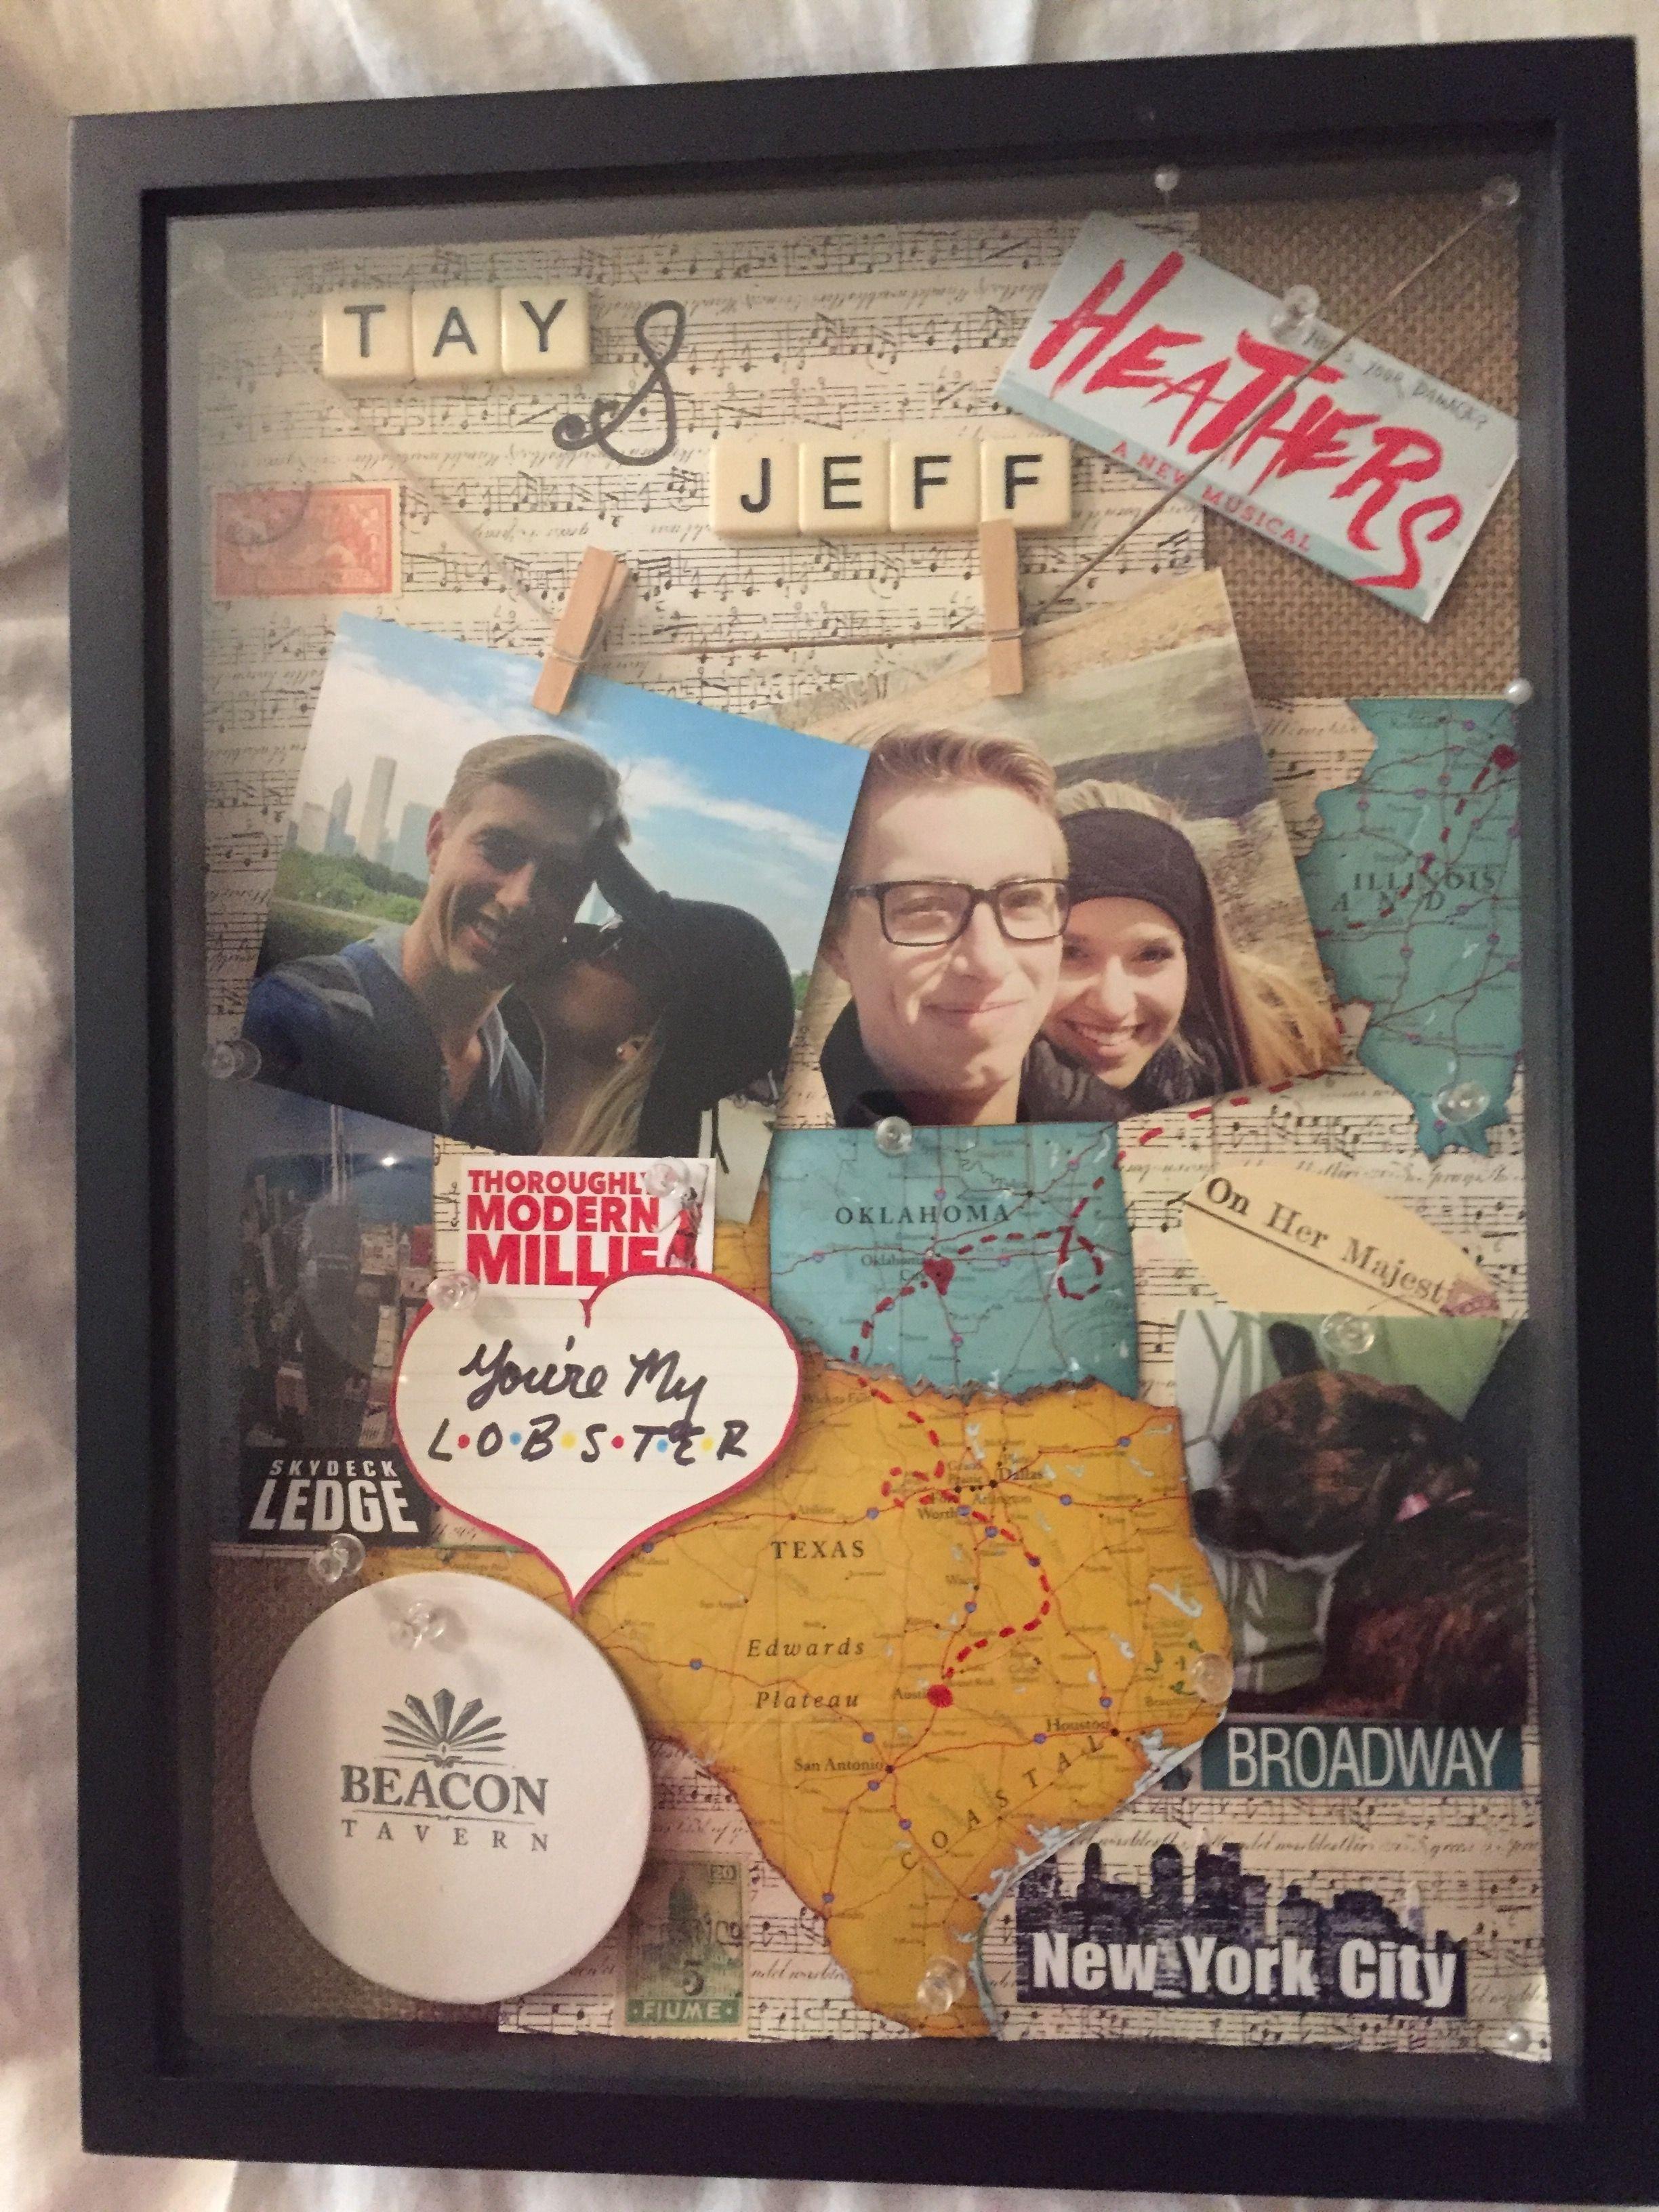 10 Amazing Graduation Gift Ideas For Best Friend shadow box crafts gift boyfriend best friend memories 2021